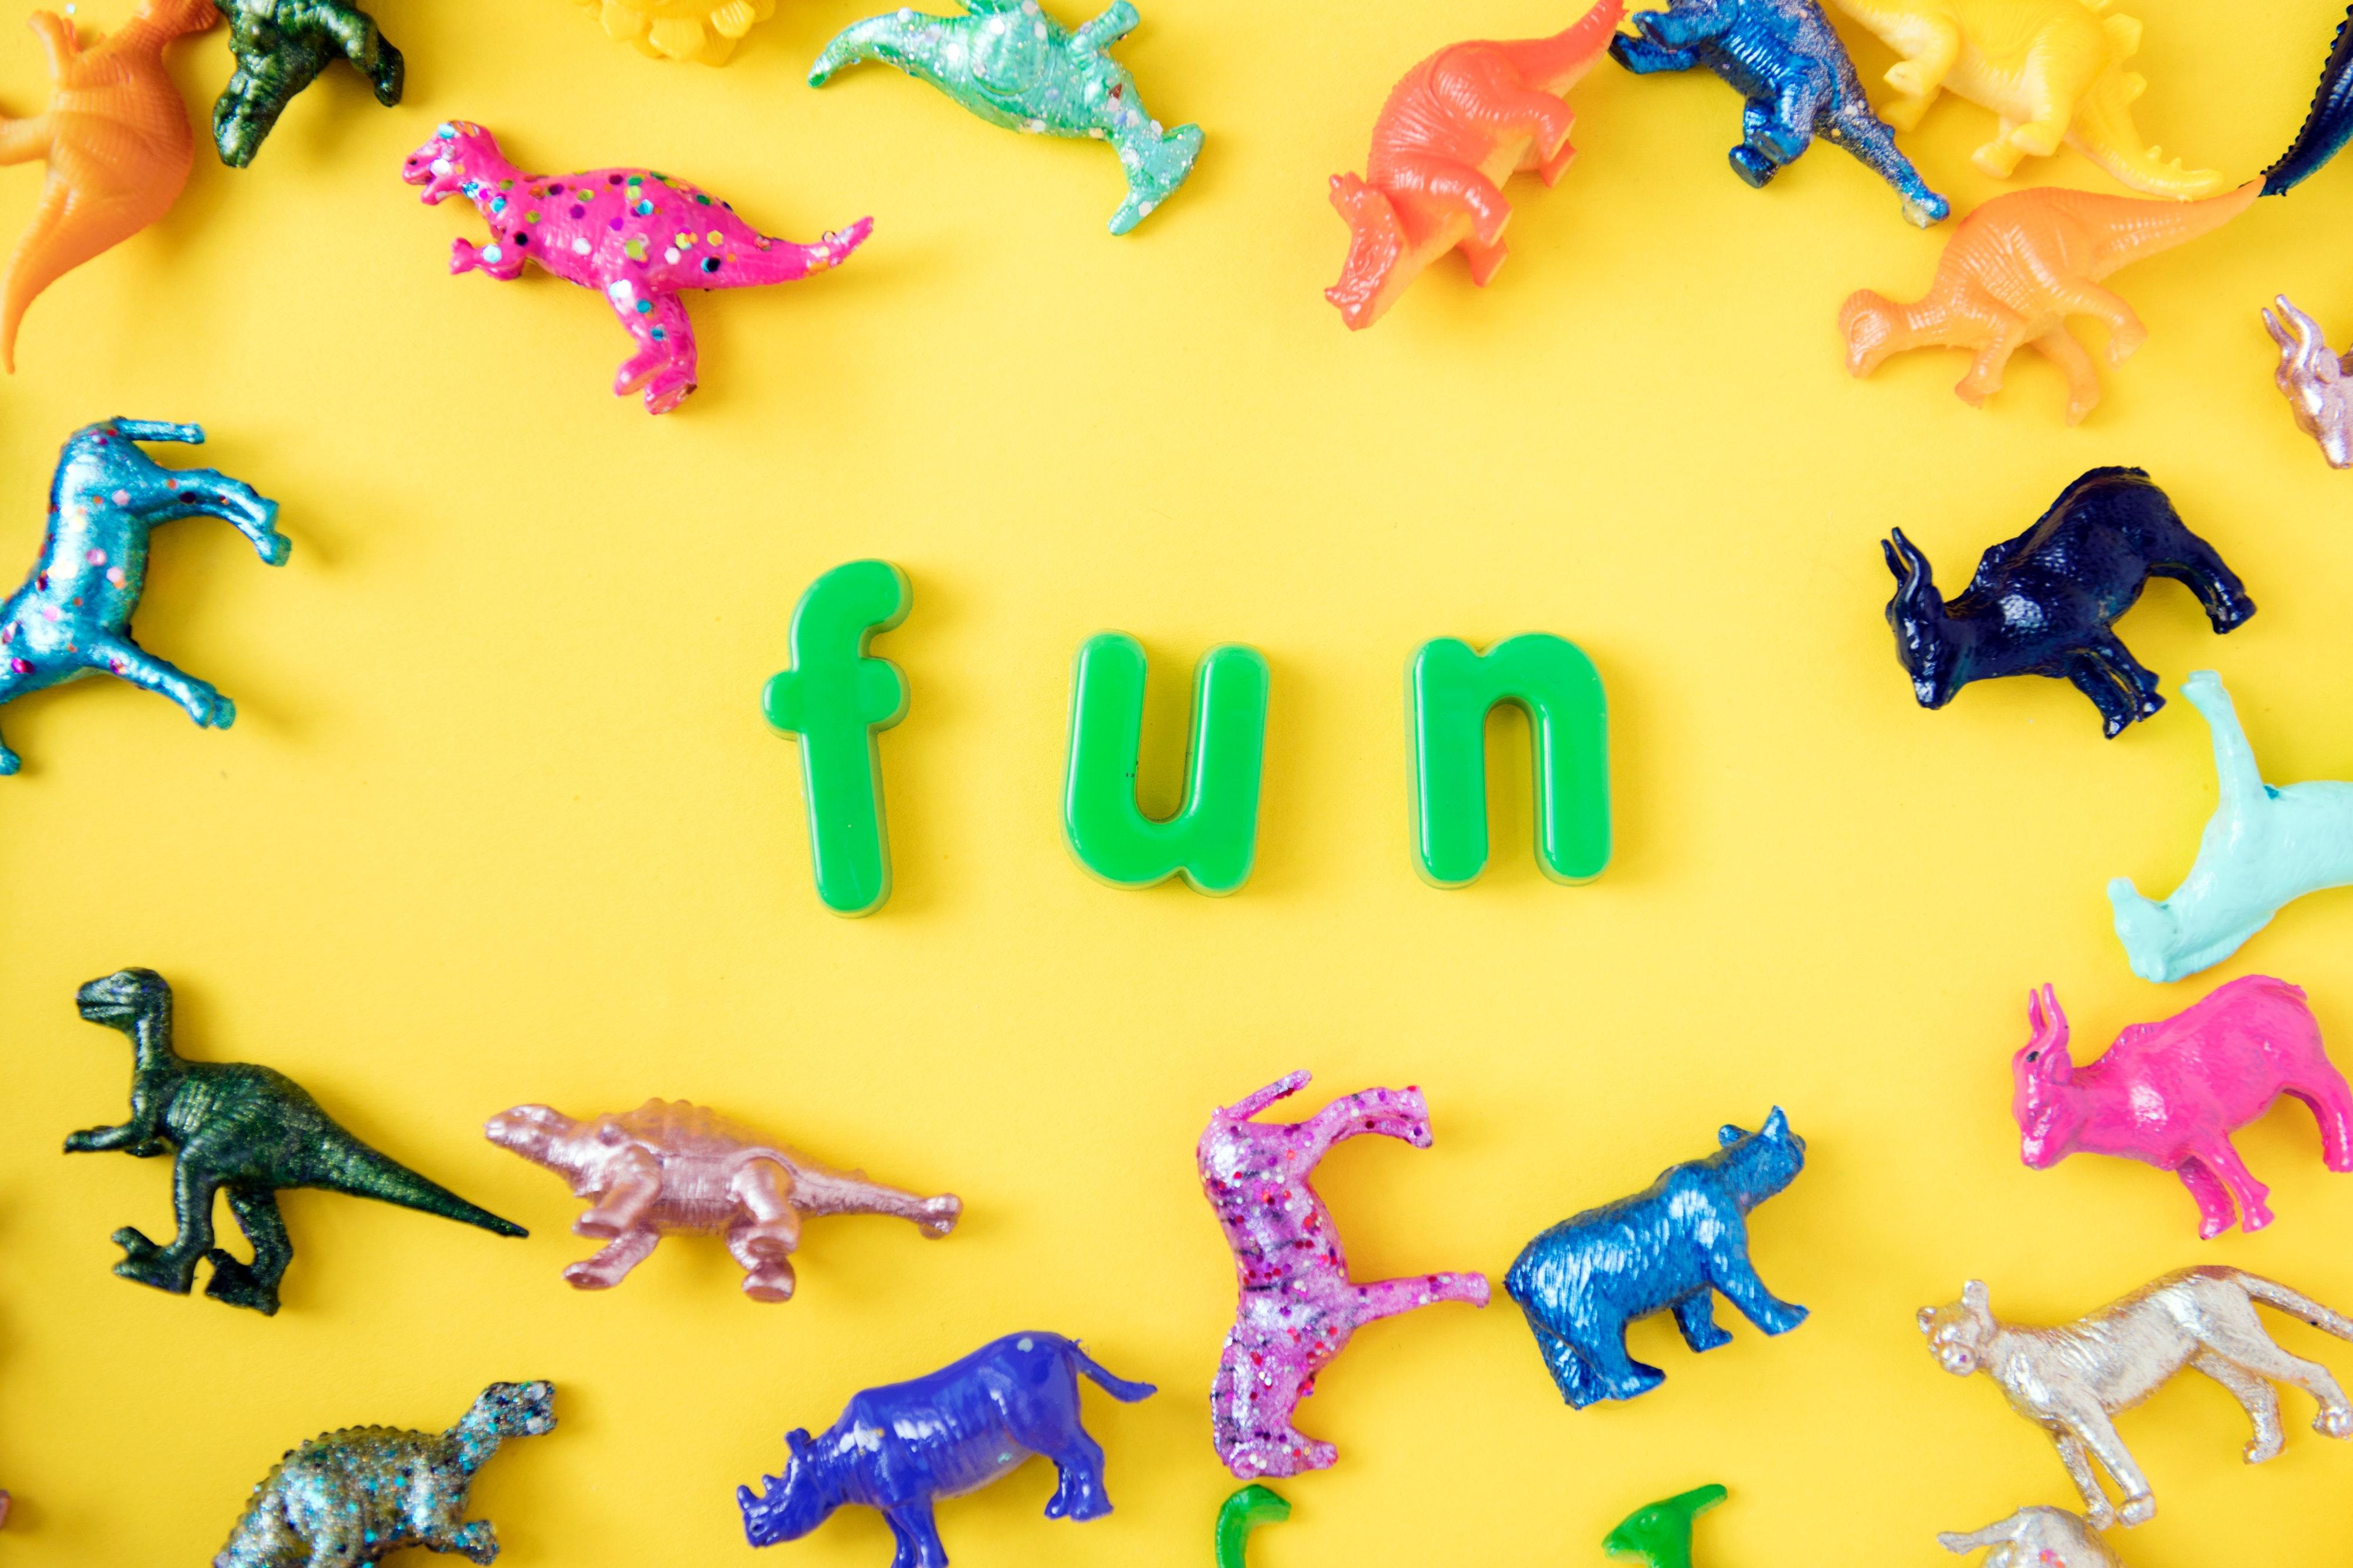 Animaux En Plastique Jouet images gratuites : alphabets, animaux, assorti, contexte